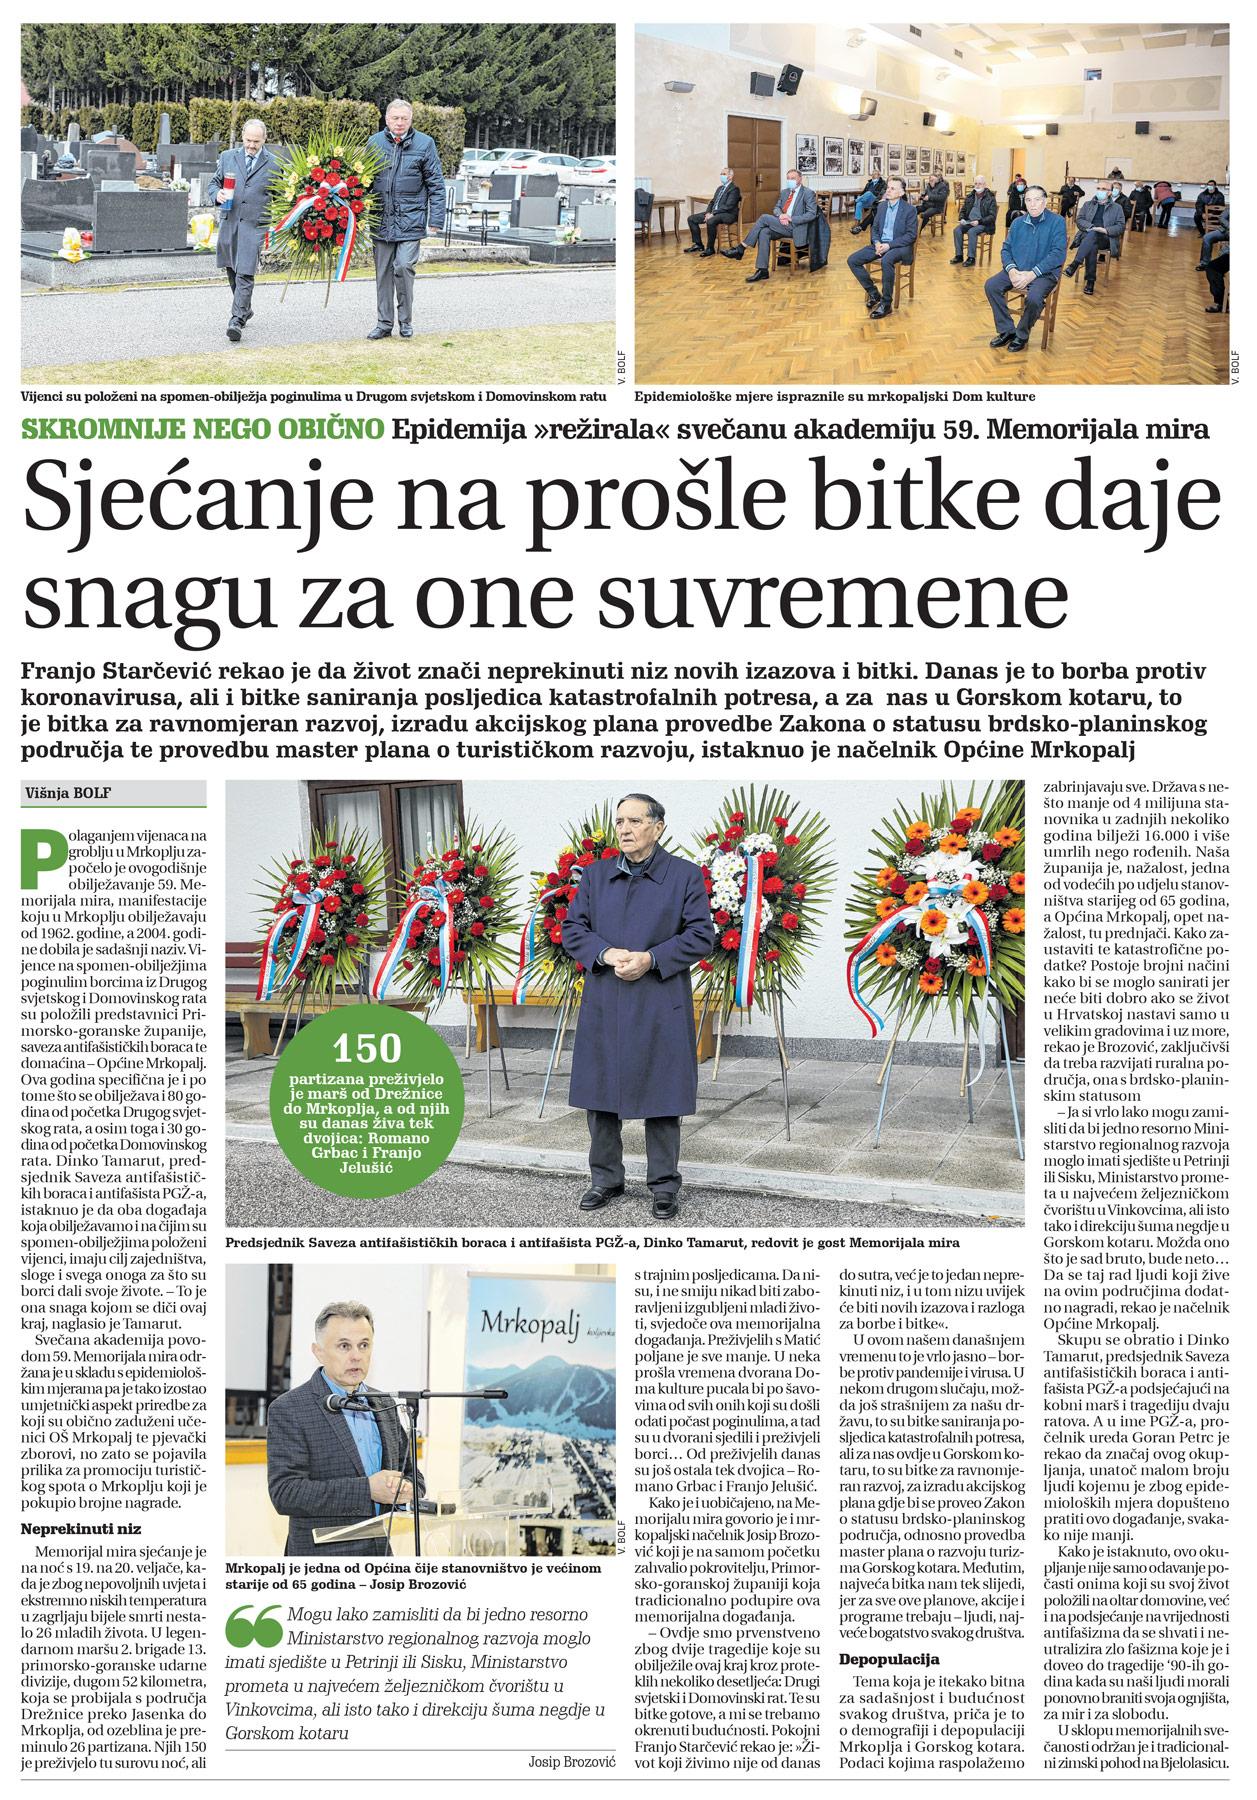 članak, goranski novi list, 59. memorijal mira